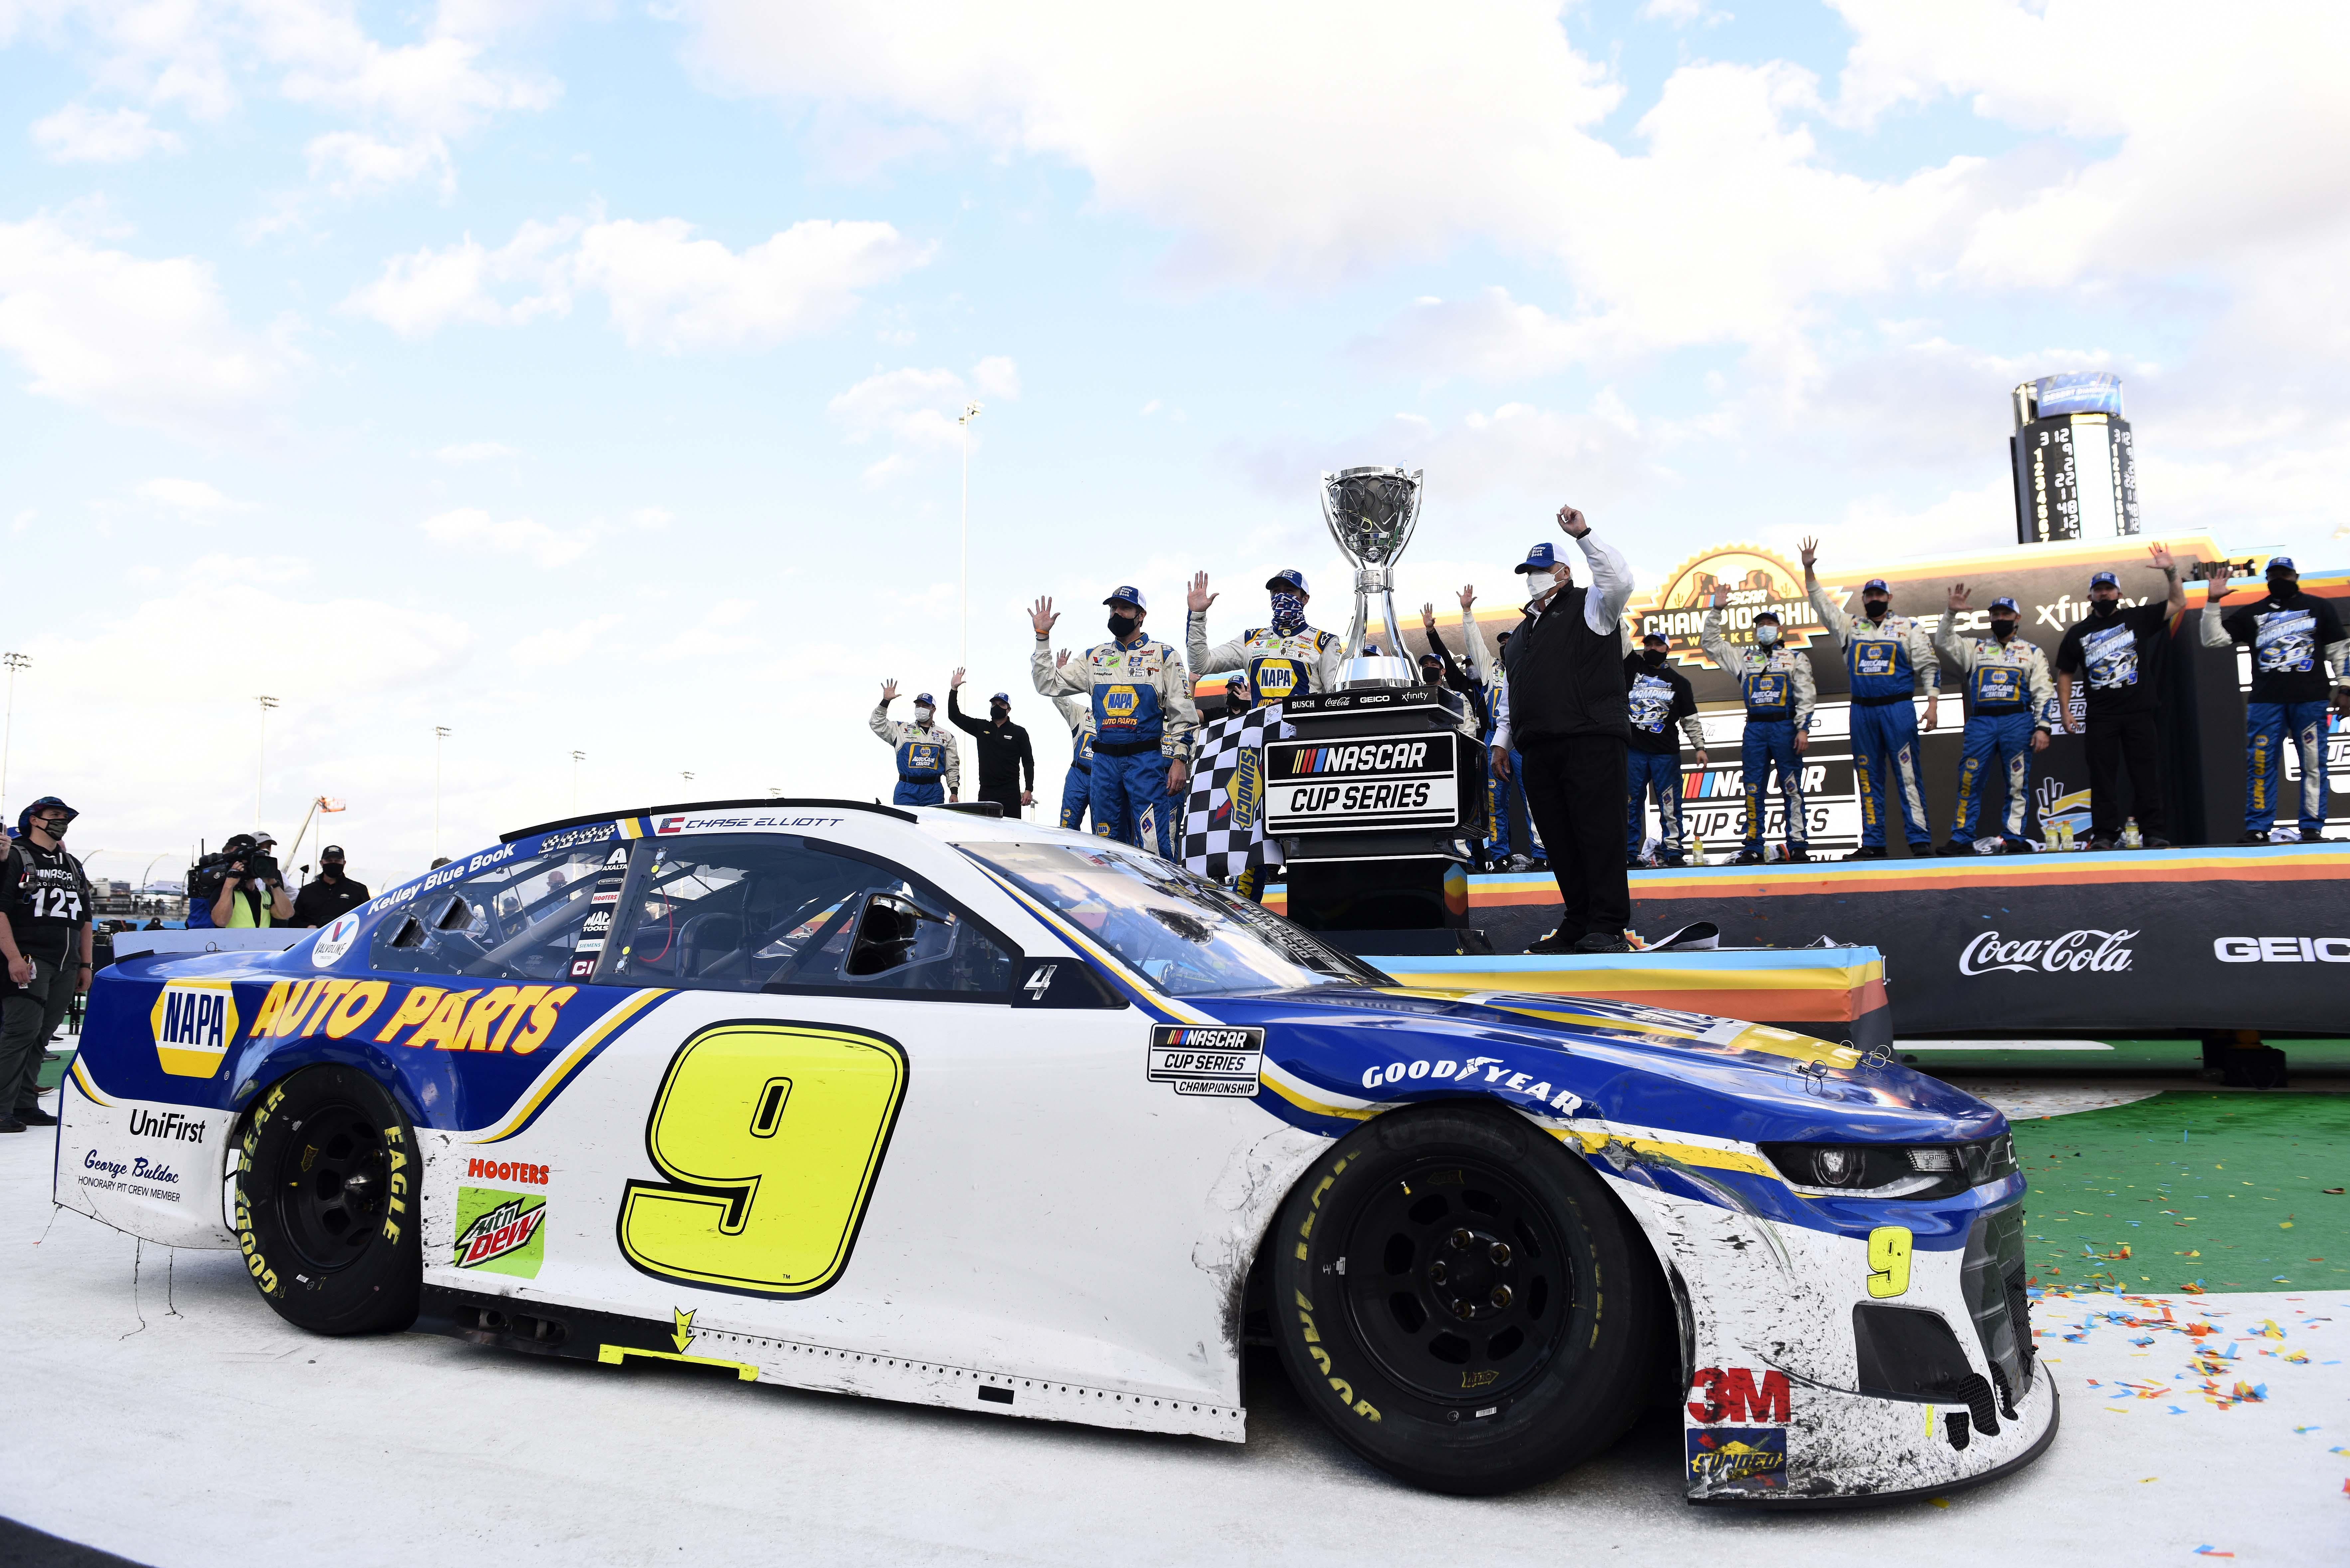 Chase Elliott in victory lane - 2020 NASCAR champion